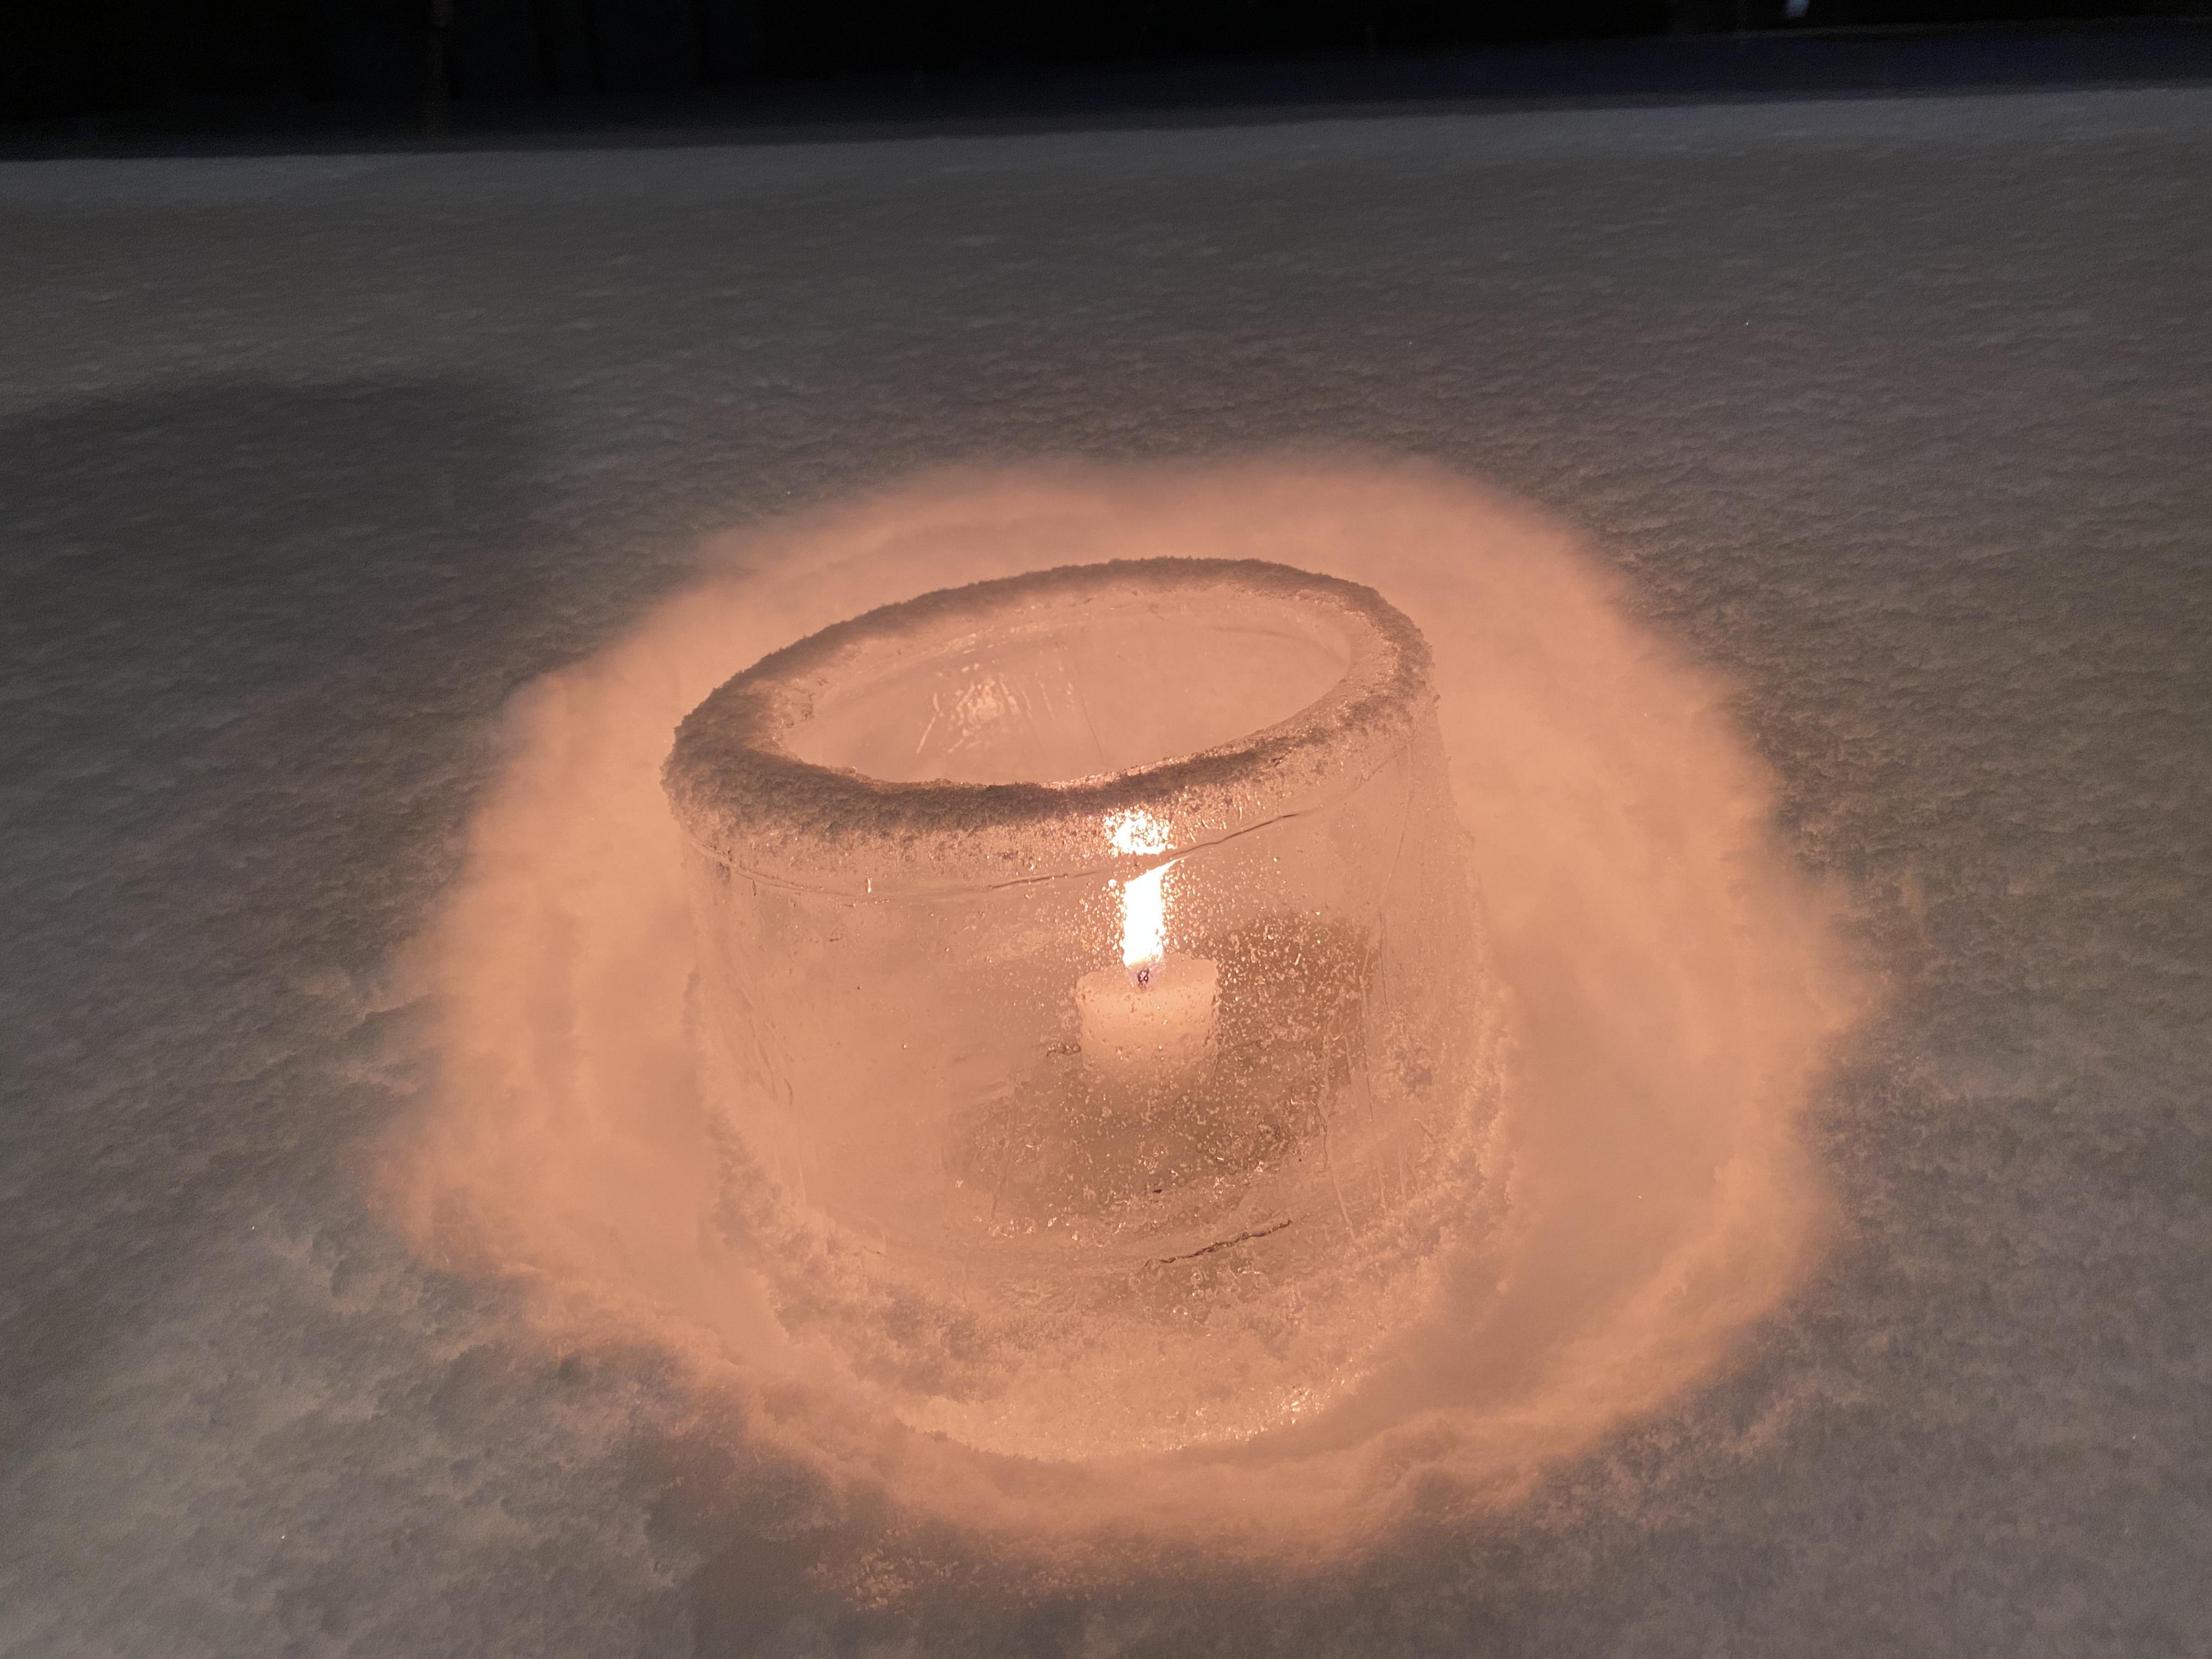 イベントで中継した雪の中のアイスキャンドル/></div>  <div align=